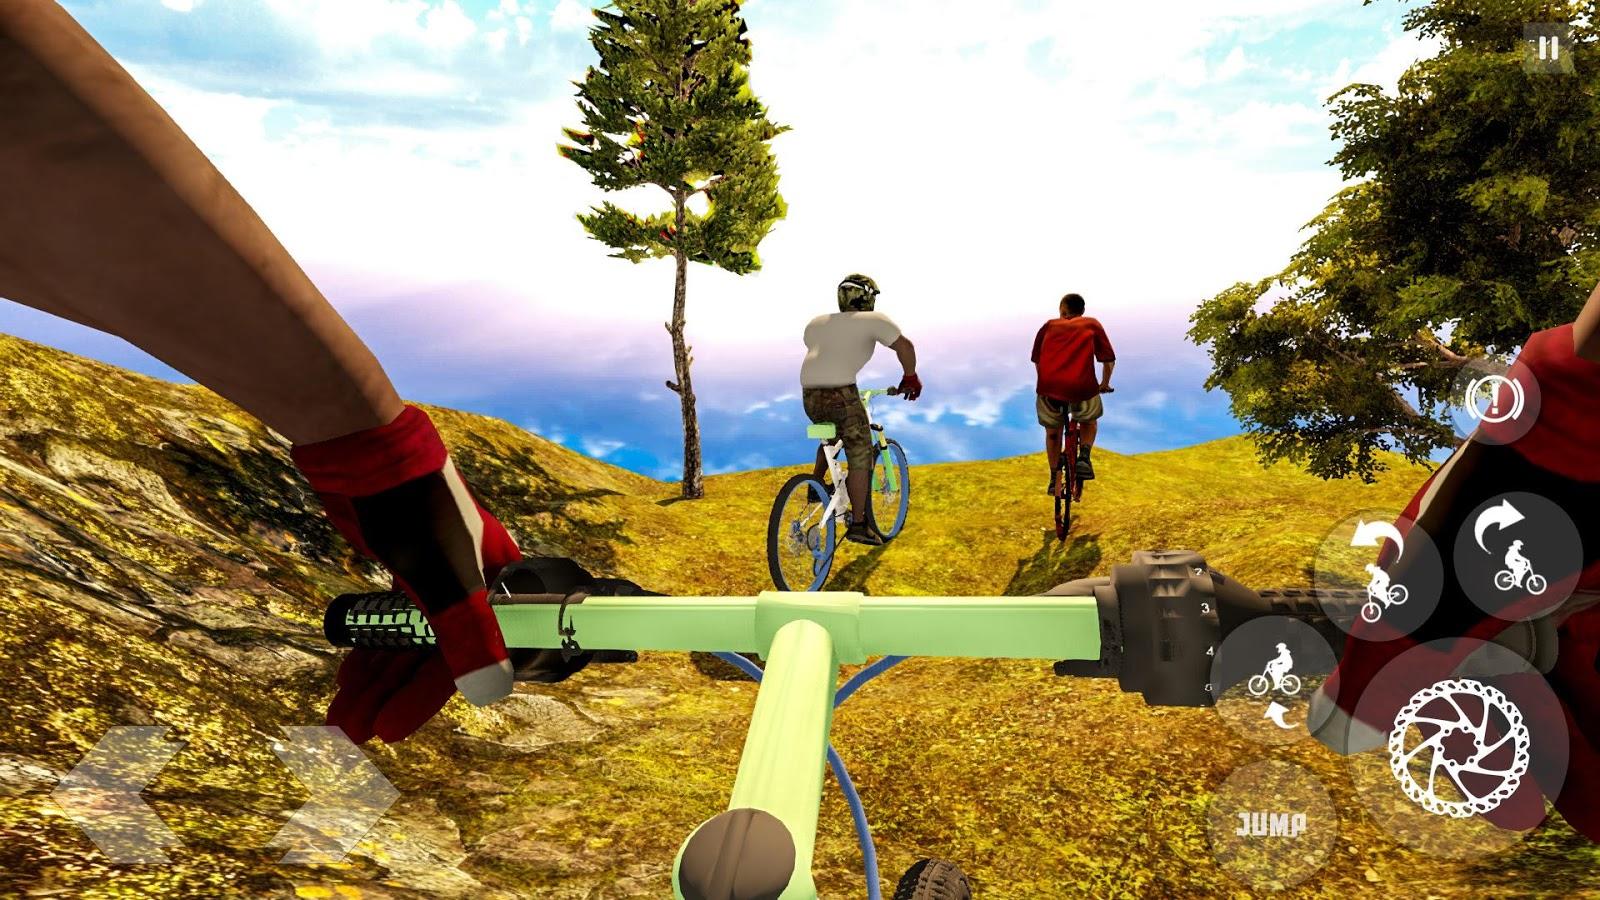 3267dec07b2 ... Mayhem - DownHill Offroad Mountain Bike Stunts 1.0.1 screenshot 4 ...